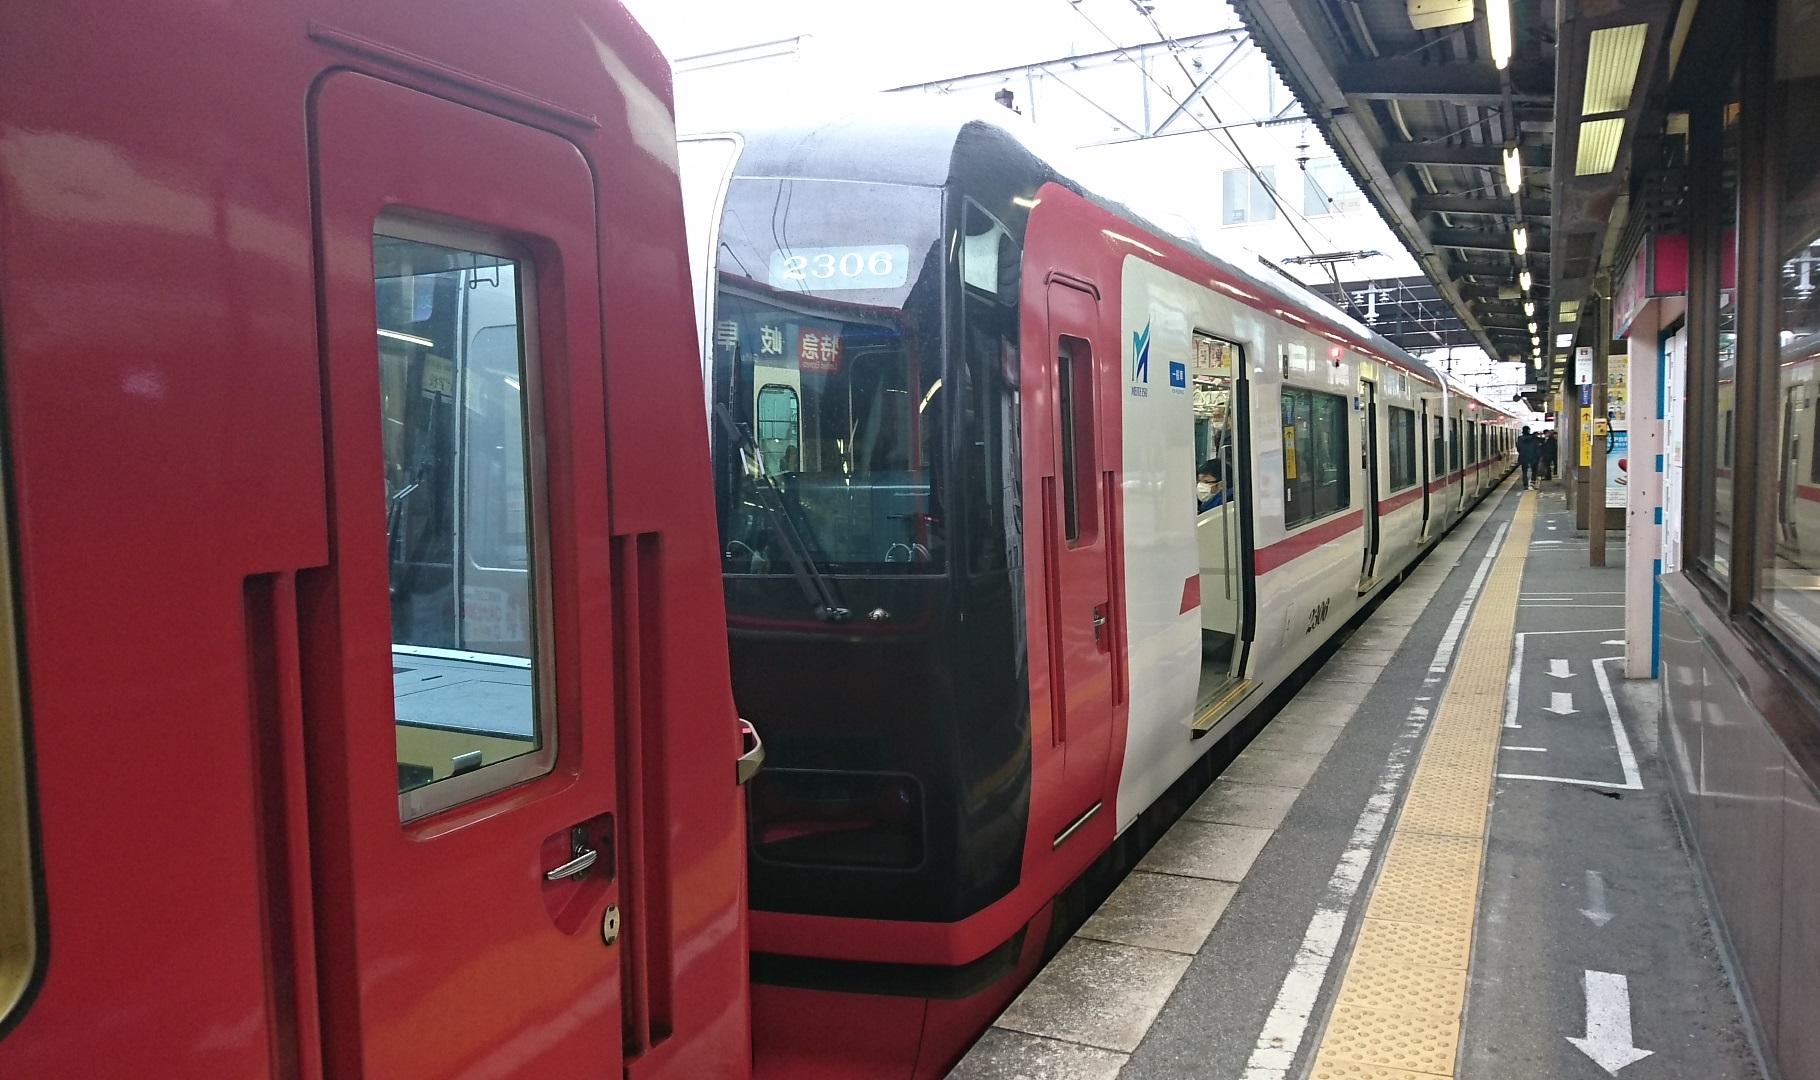 2017.3.26 名鉄 (24) 東岡崎 - 岐阜いき特急 1820-1080